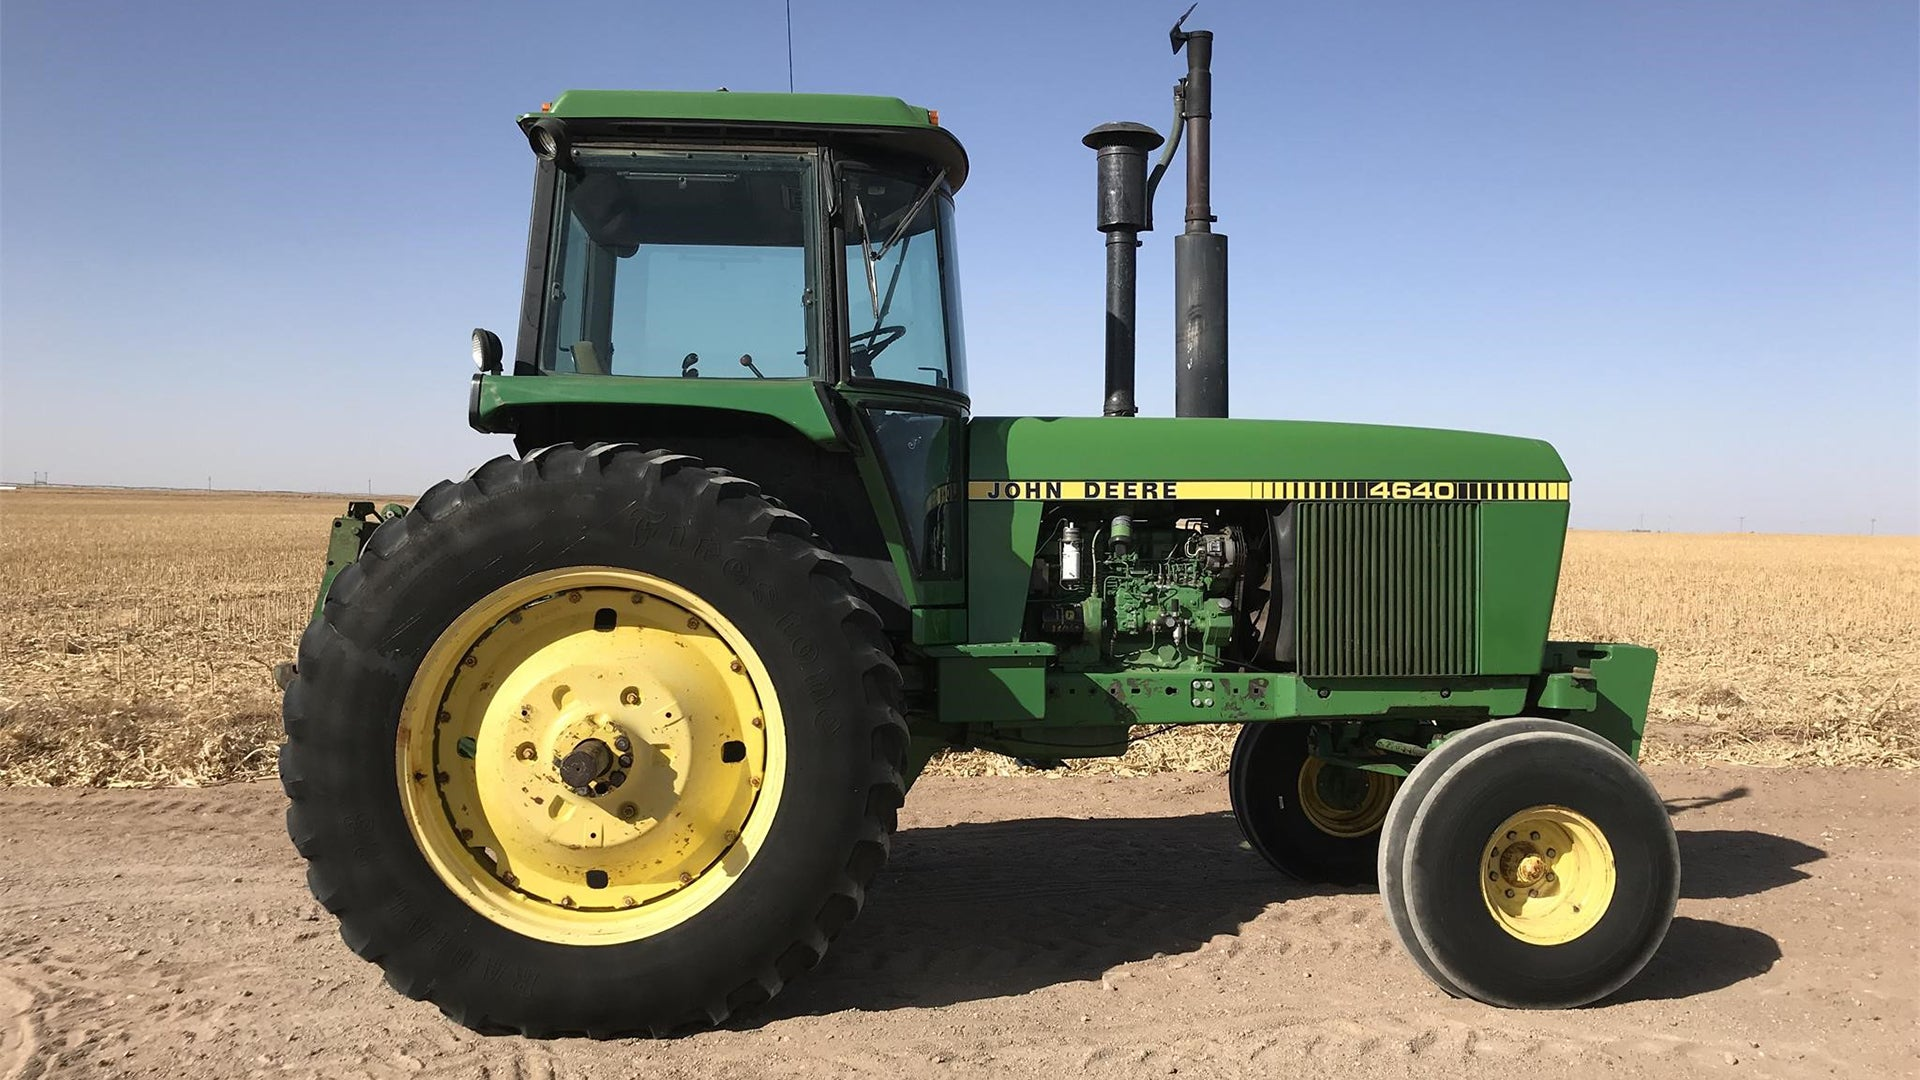 Фермеры в США вынуждены взламывать тракторы, чтобы просто починить их - 2